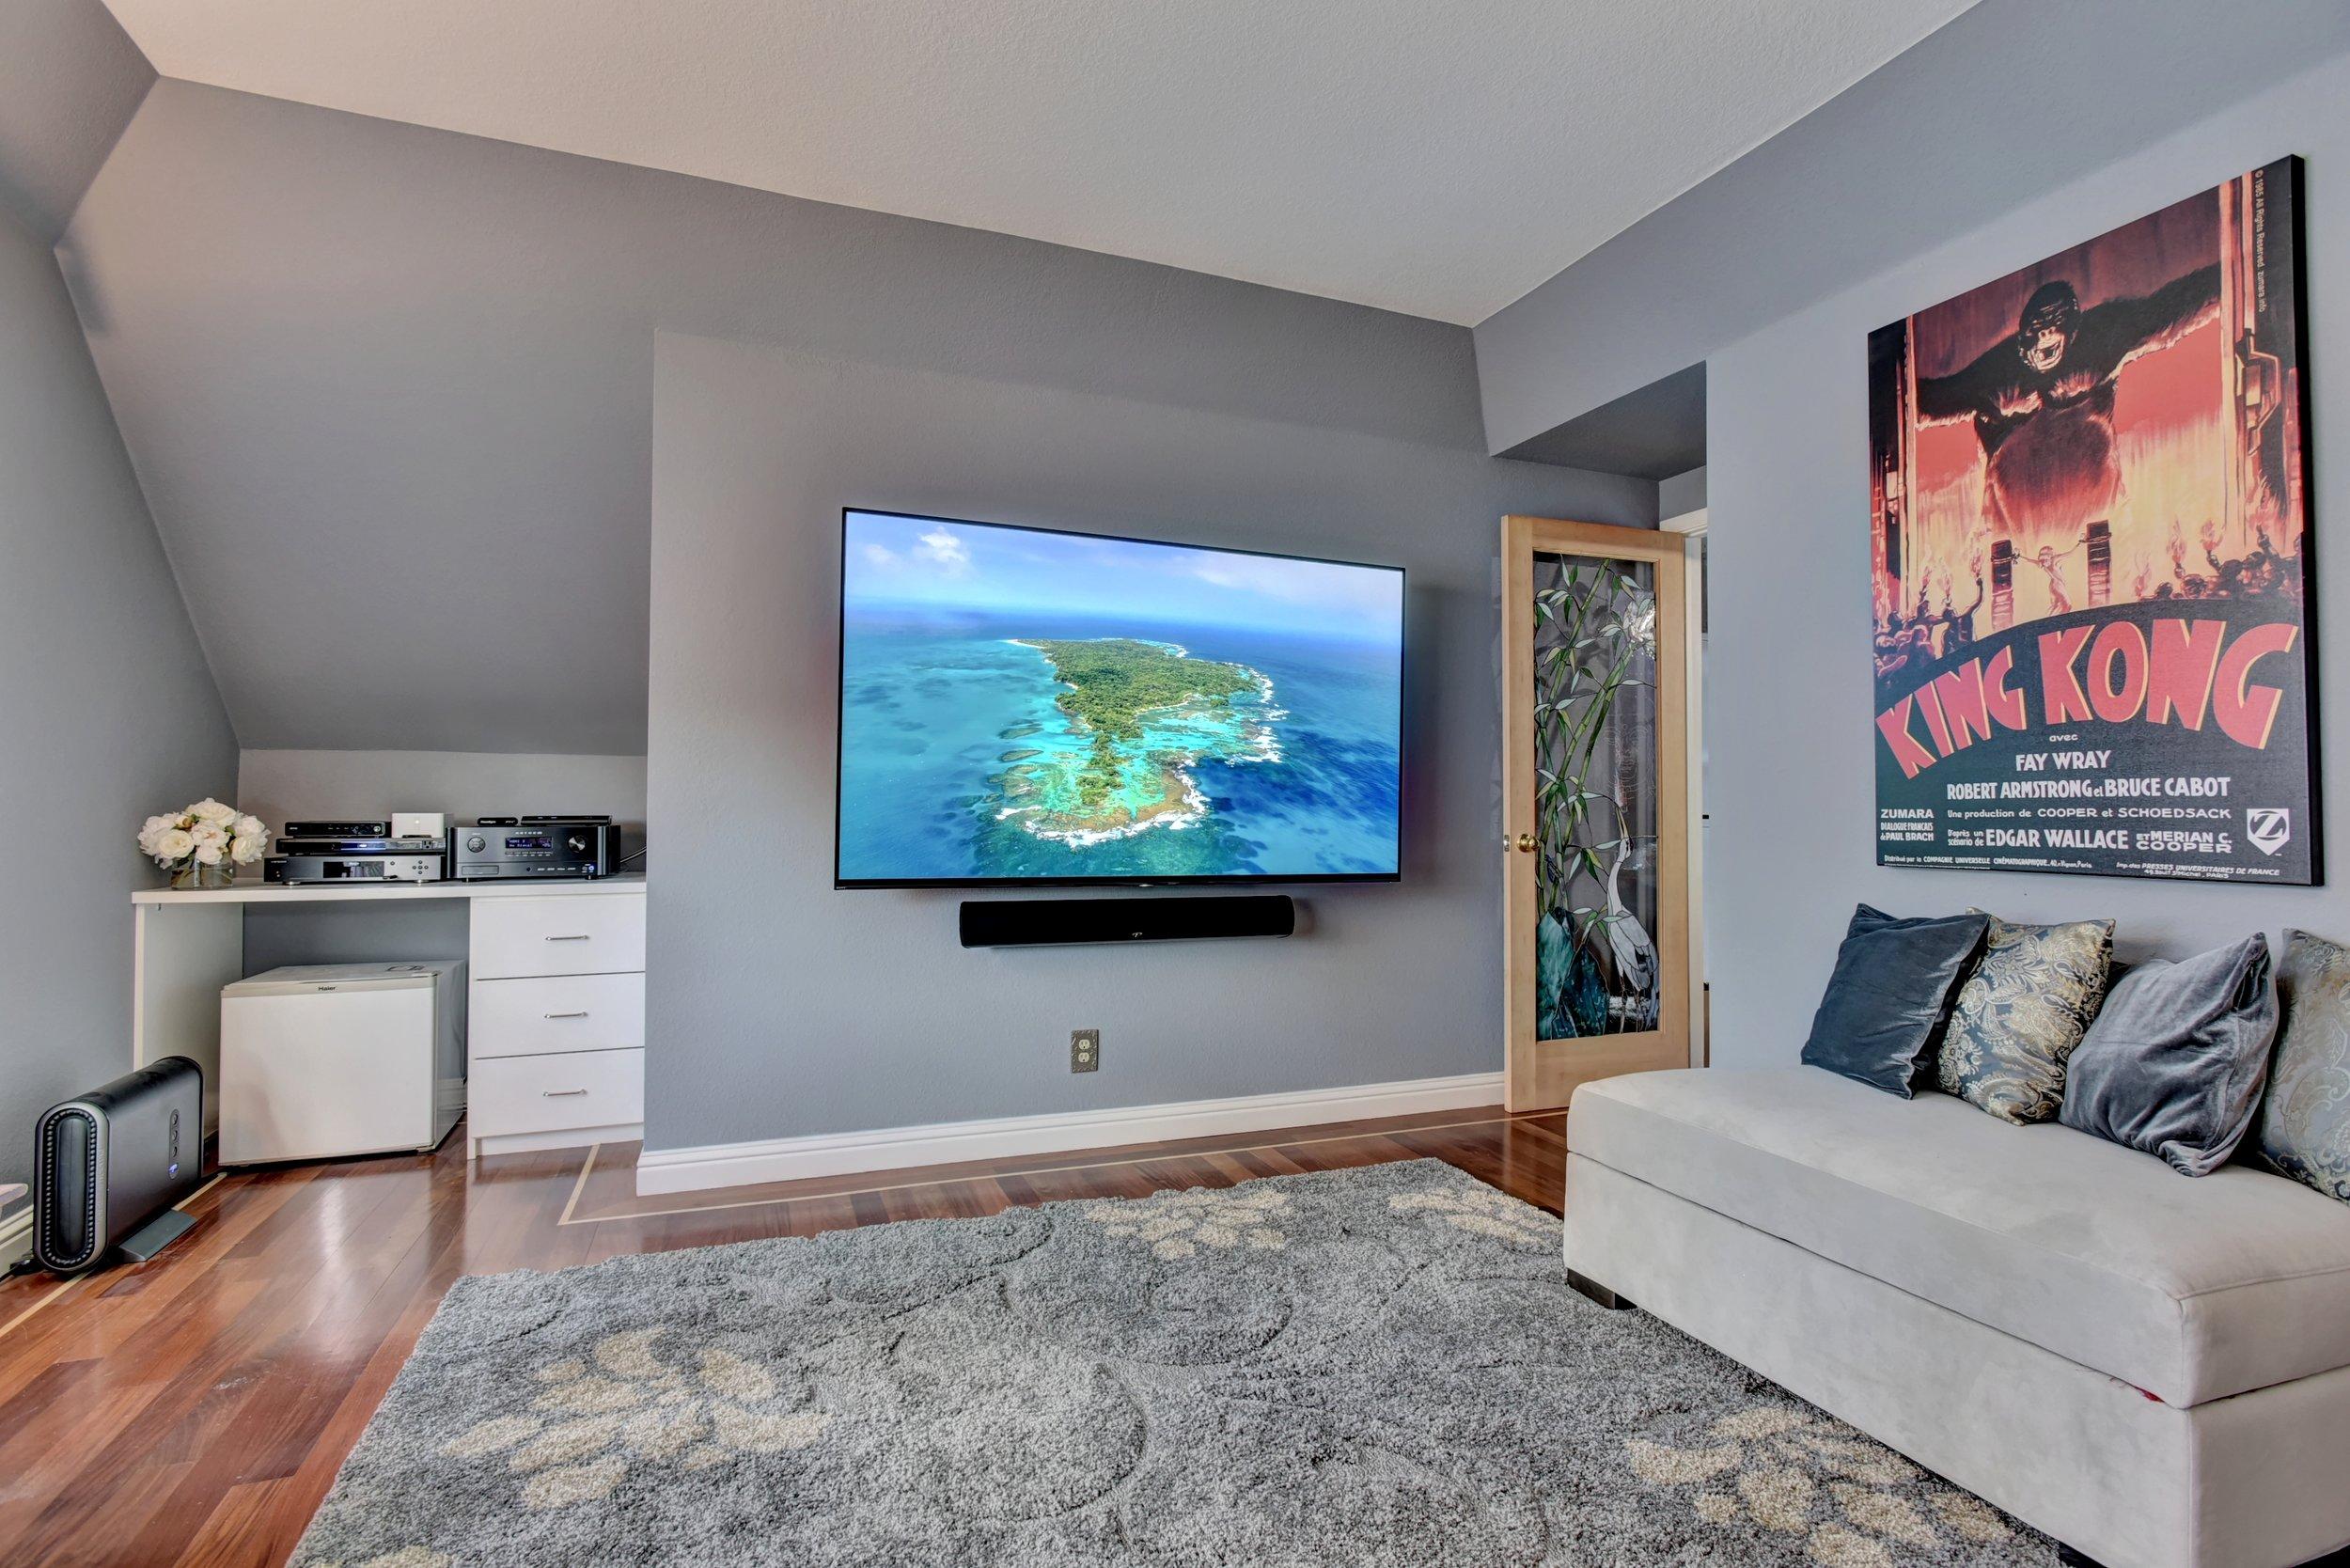 Sony 77-inch 4K UHD OLED TV with Anthem MRX 520 AV receiver and Paradigm Millenia 20 Trio Reference Soundbar